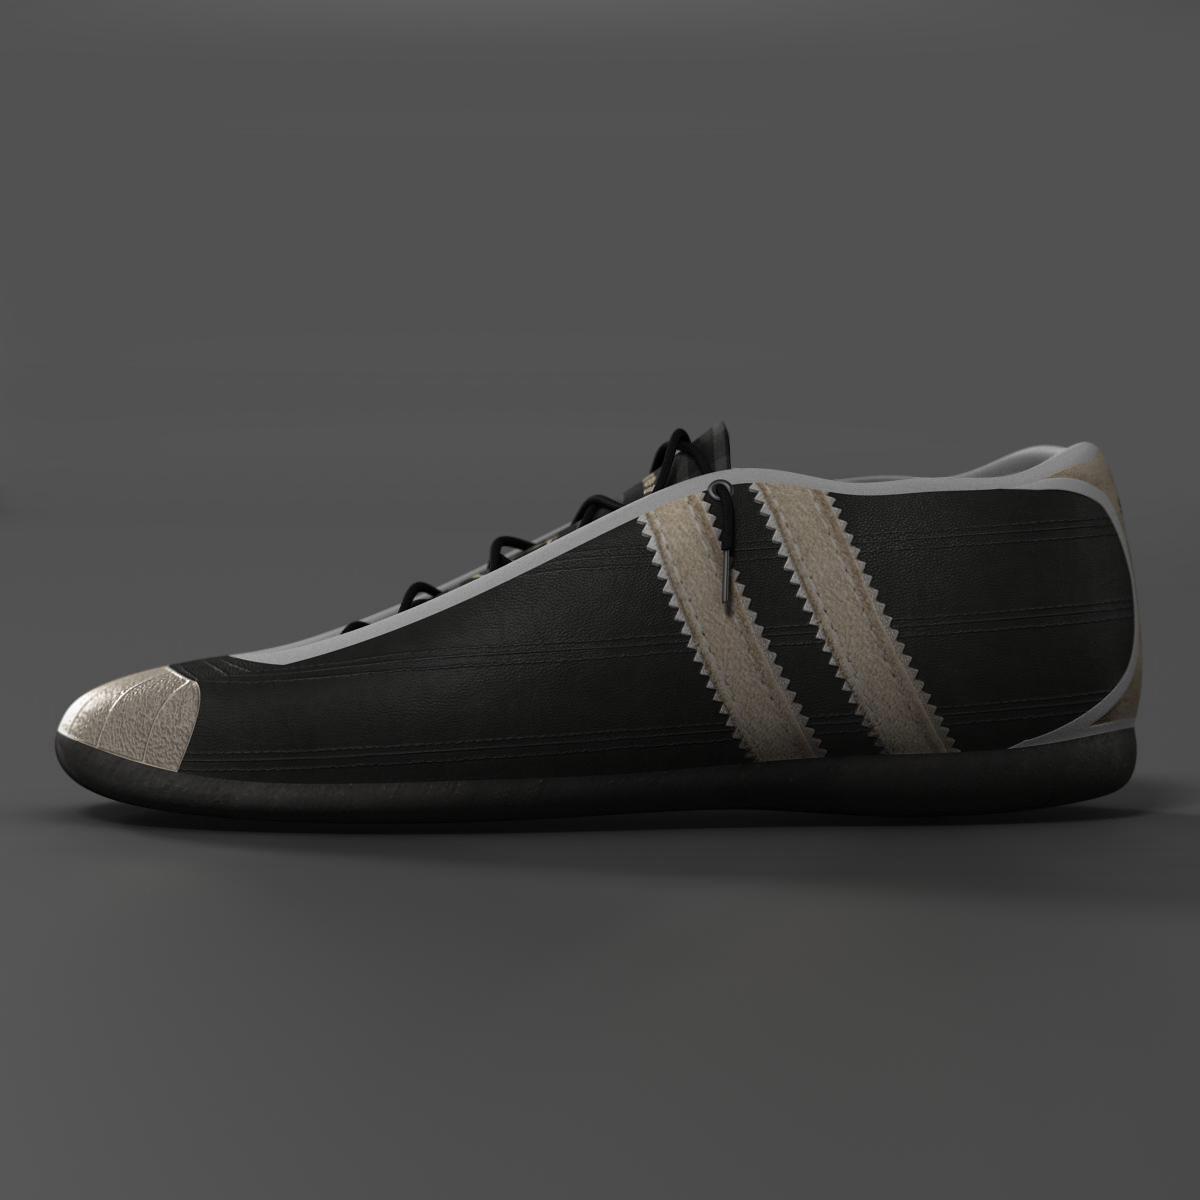 sneakers 3d model 3ds max fbx c4d ma mb obj 160384